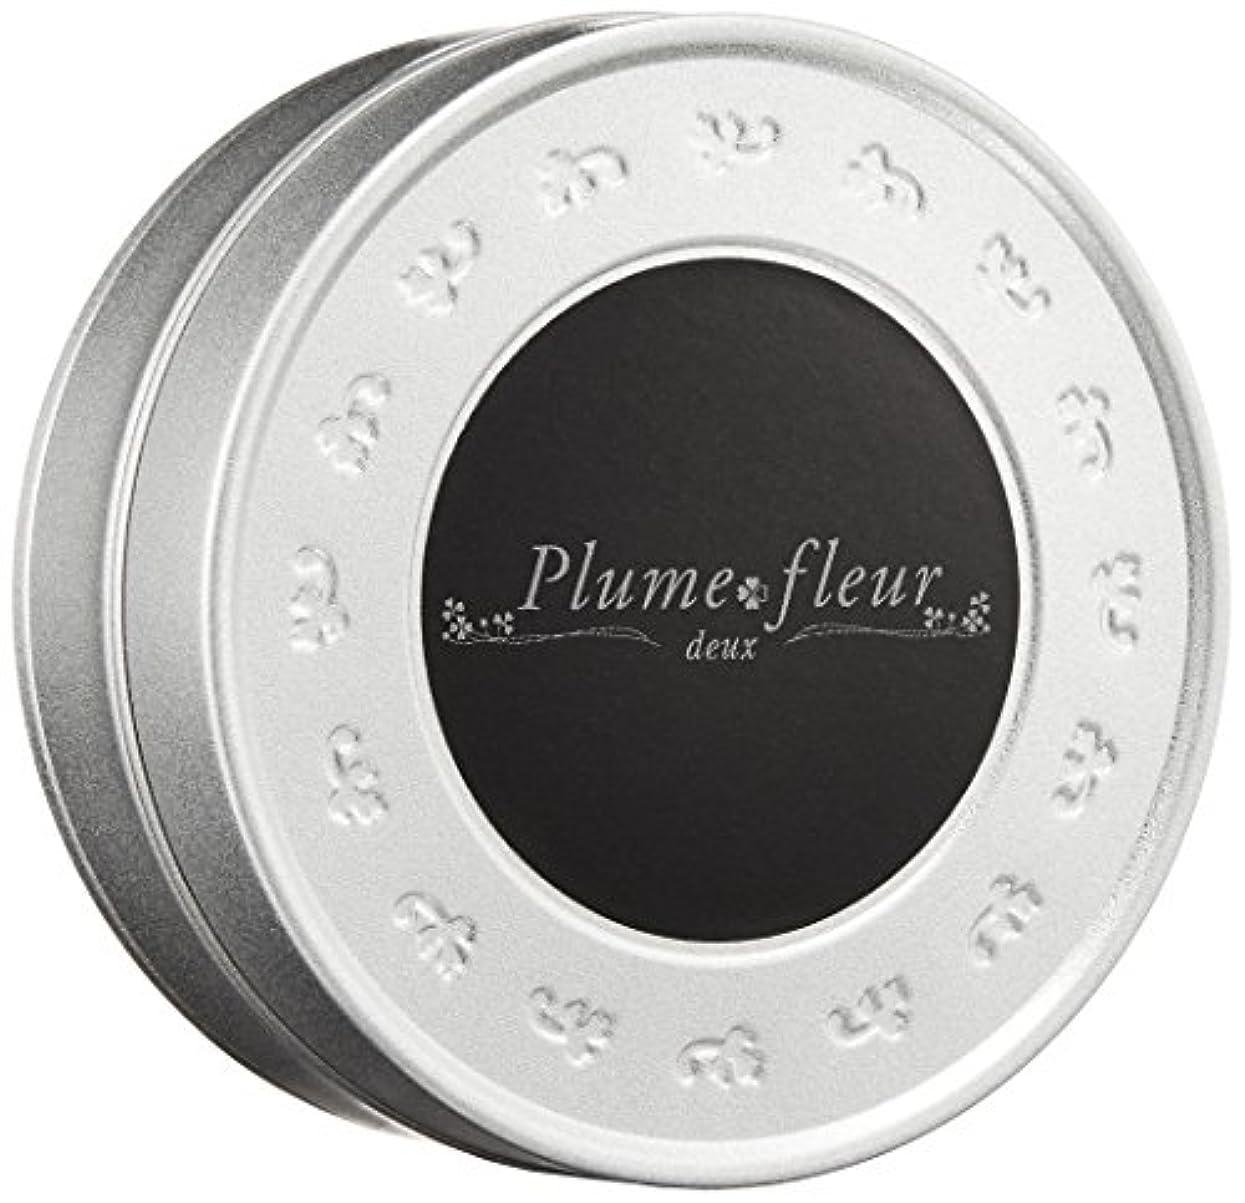 デジタルうぬぼれた人形Plume fleur -deux-(プルームフルール?WH)